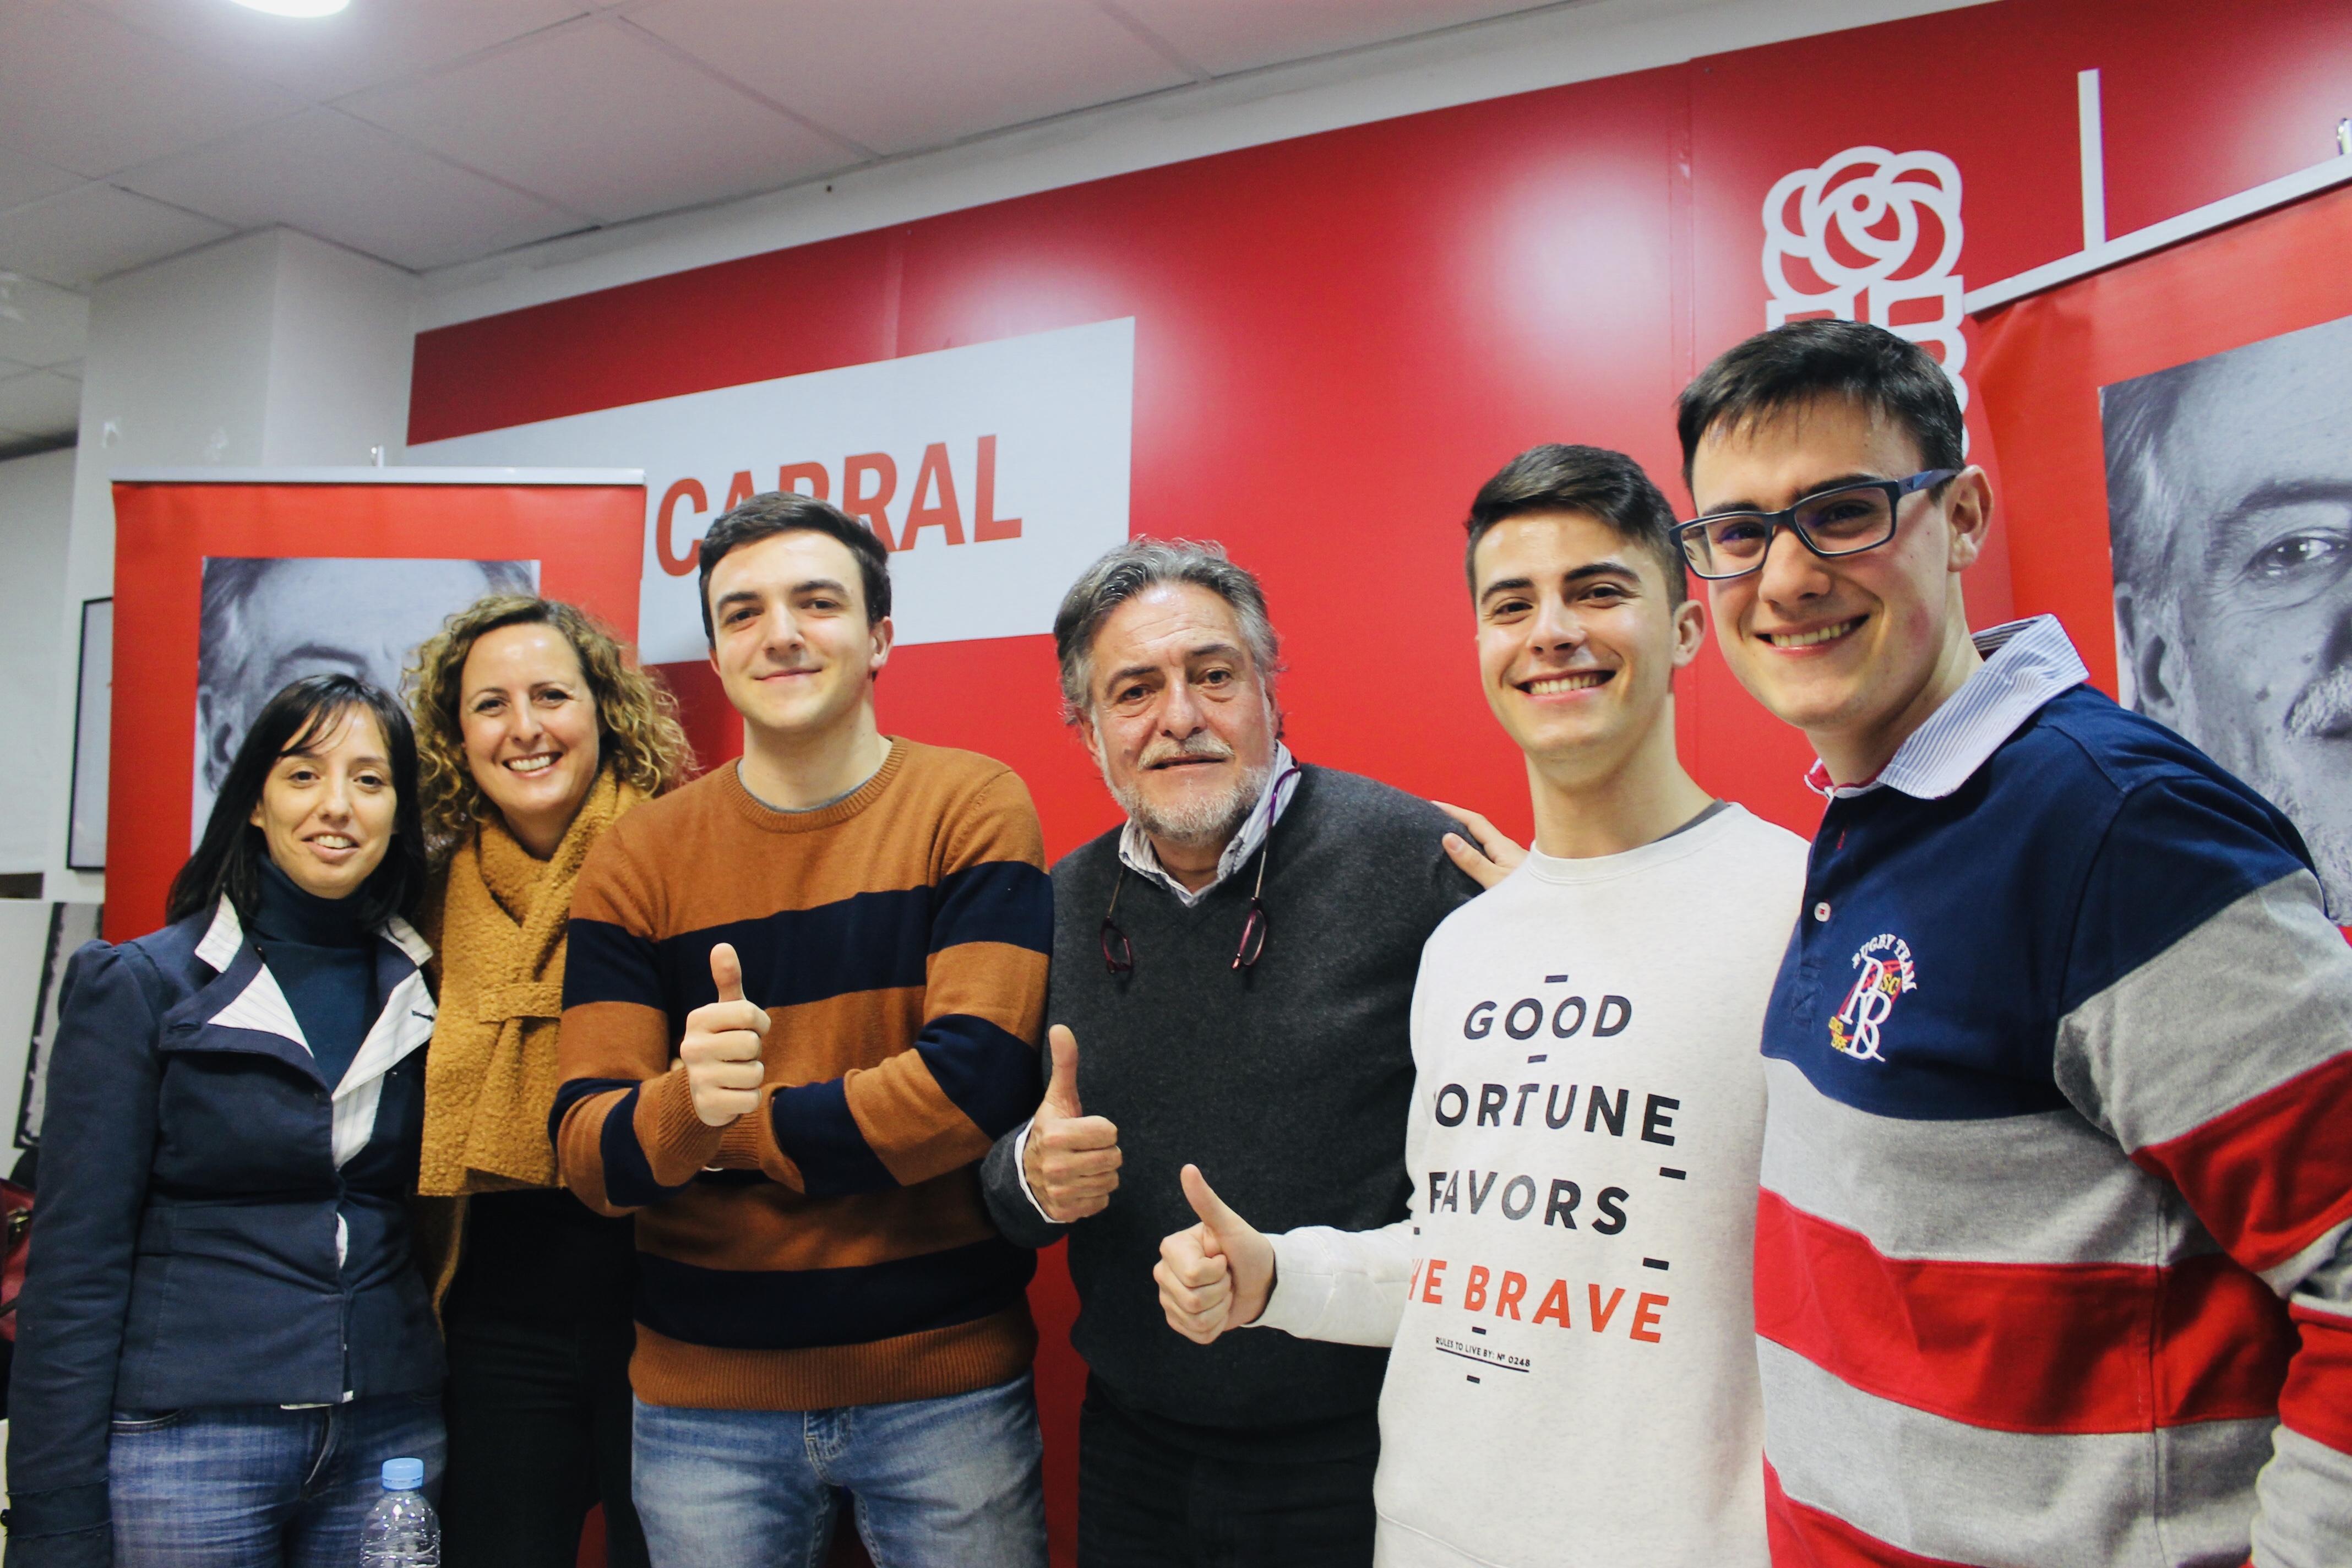 #PepuAlcalde con jóvenes y militantes en la sede del PSOE Fuencarral-El Pardo. @JóvenesconPepu